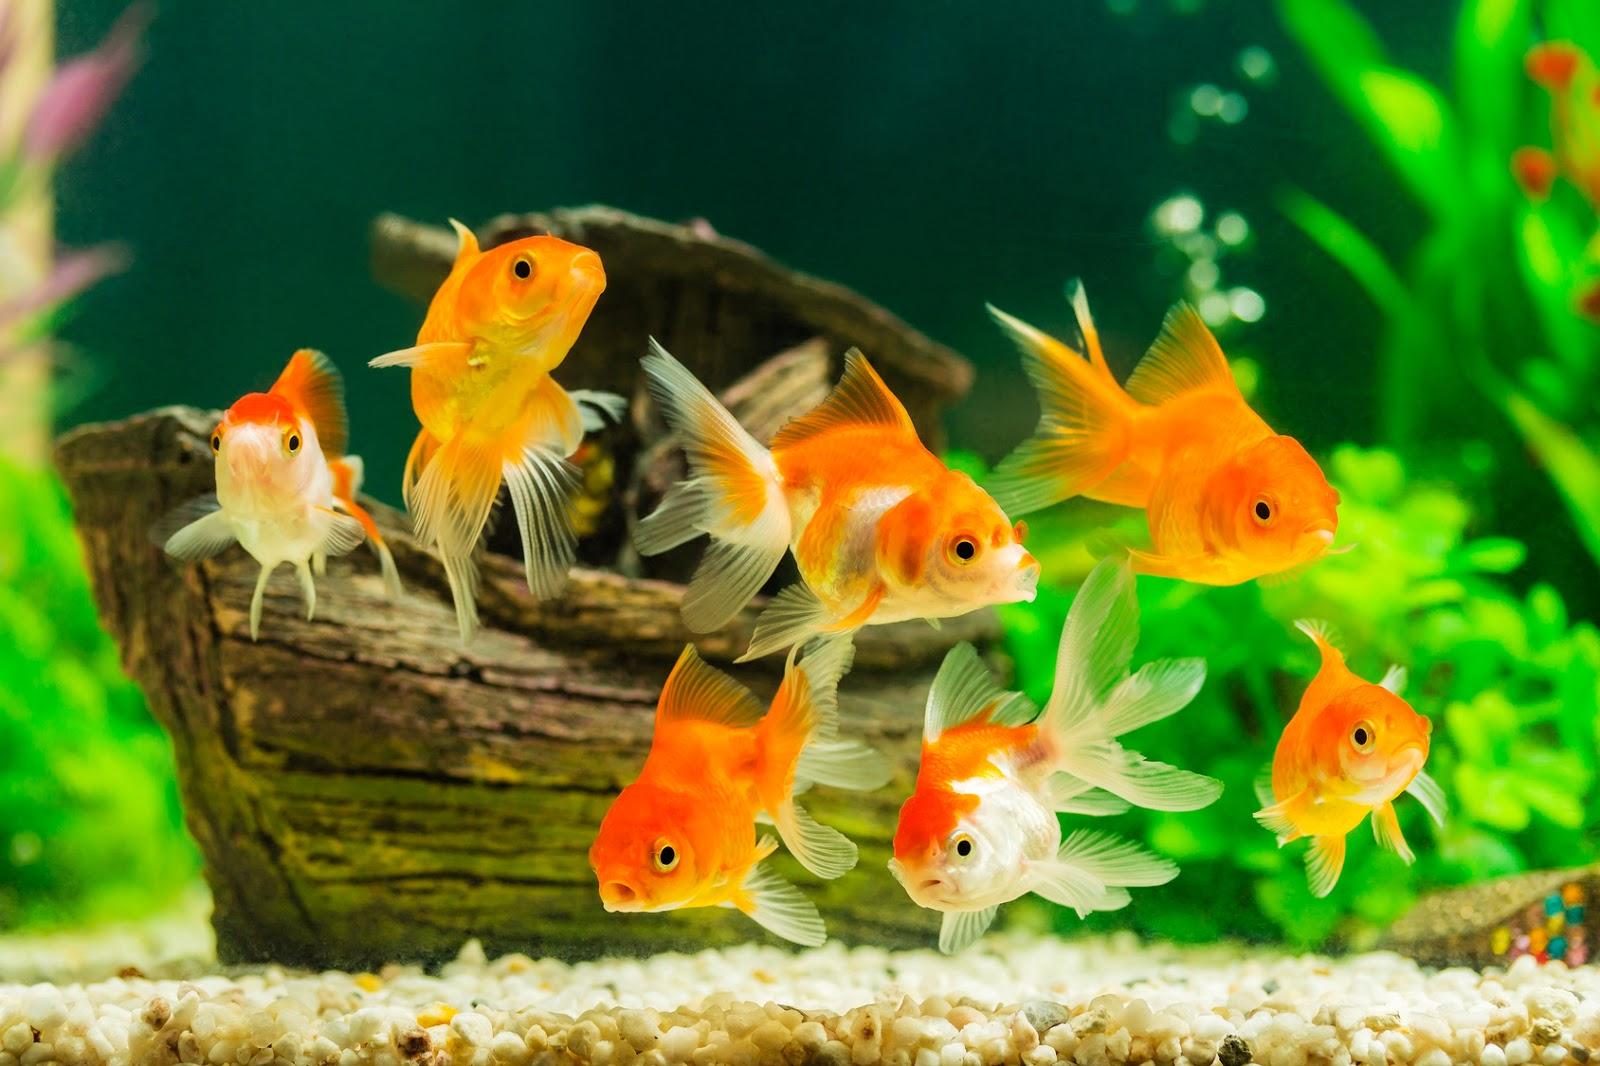 Ciesz Się Pięknym Akwarium Bez Glonów Blog Zookarina